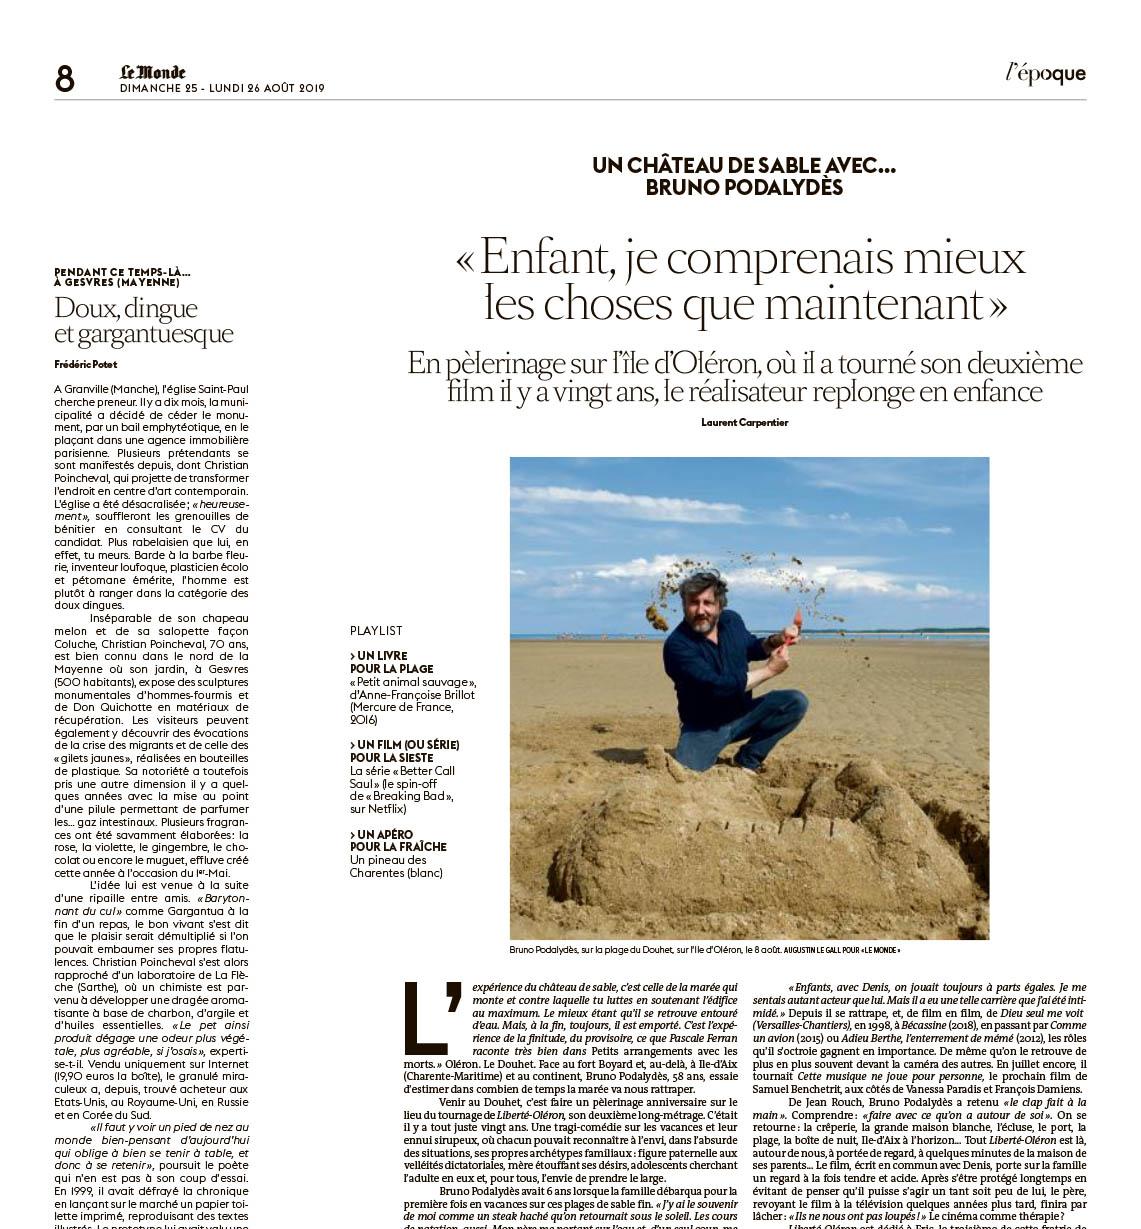 Bruno Podalydès , réalisateur et acteurs. Ile d'Oléron . Pour le Monde. 26 août 2019.